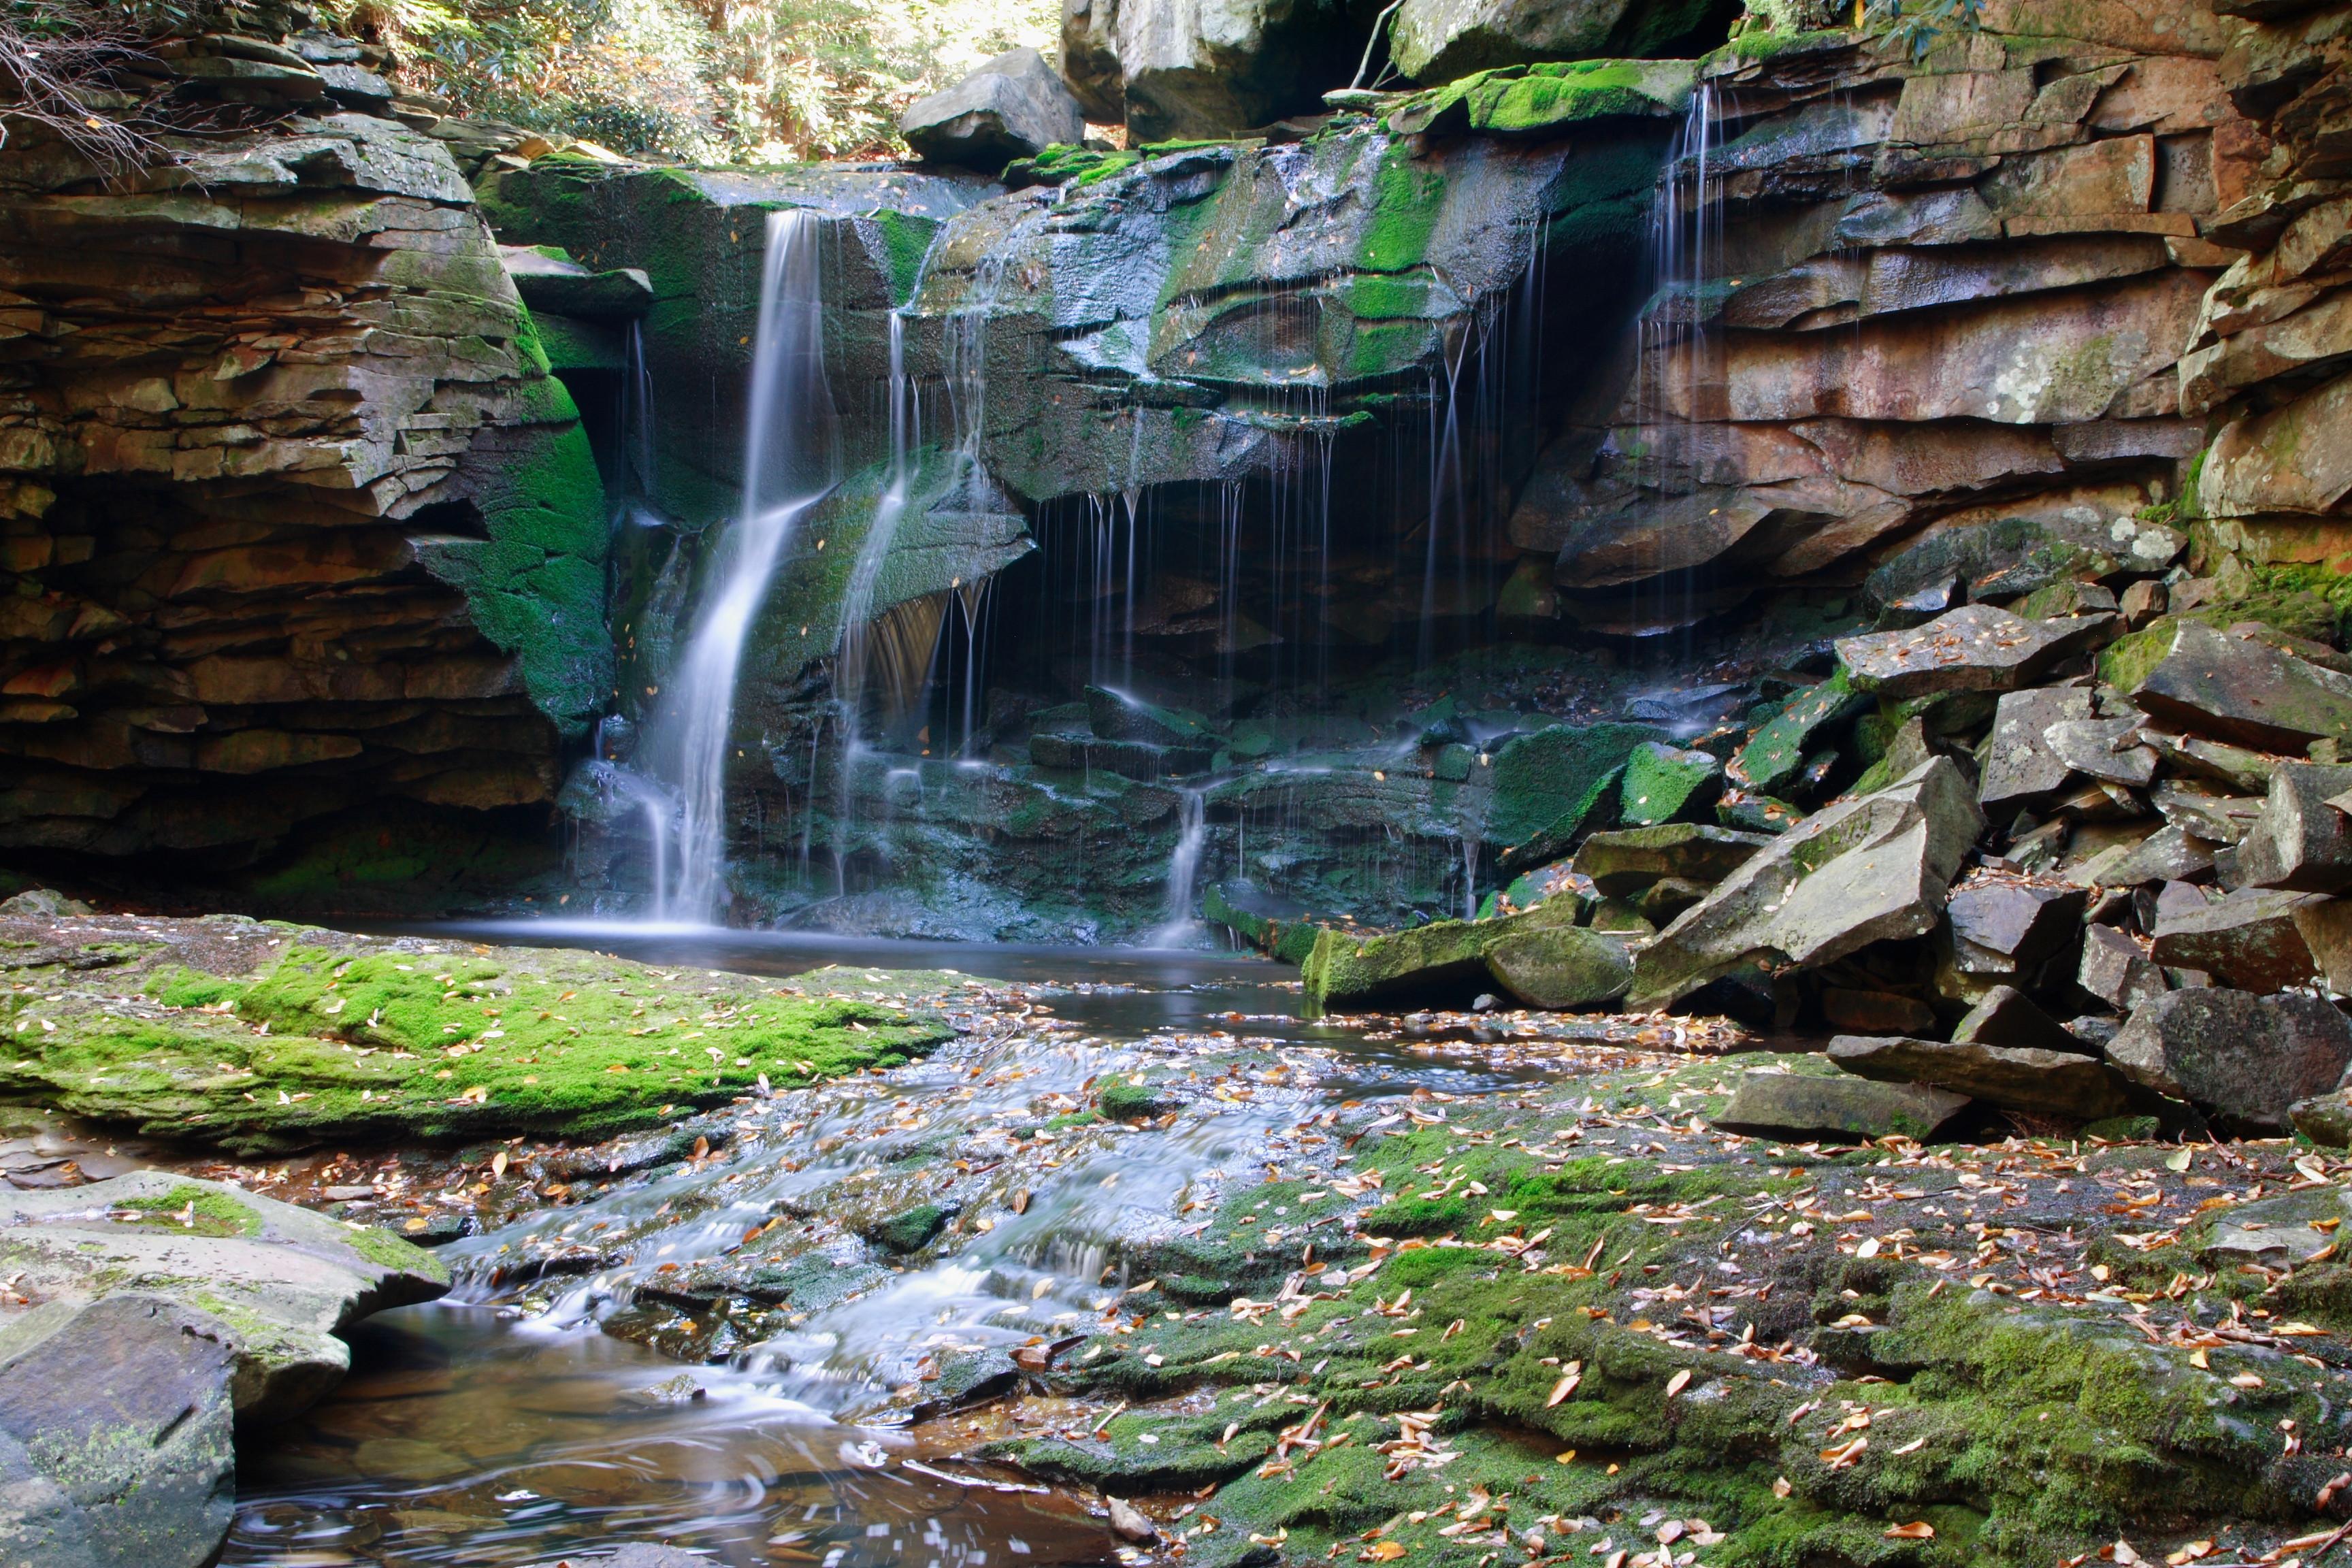 Niagara Falls Hd 1080p Wallpapers File Elakala Waterfalls Fall West Virginia